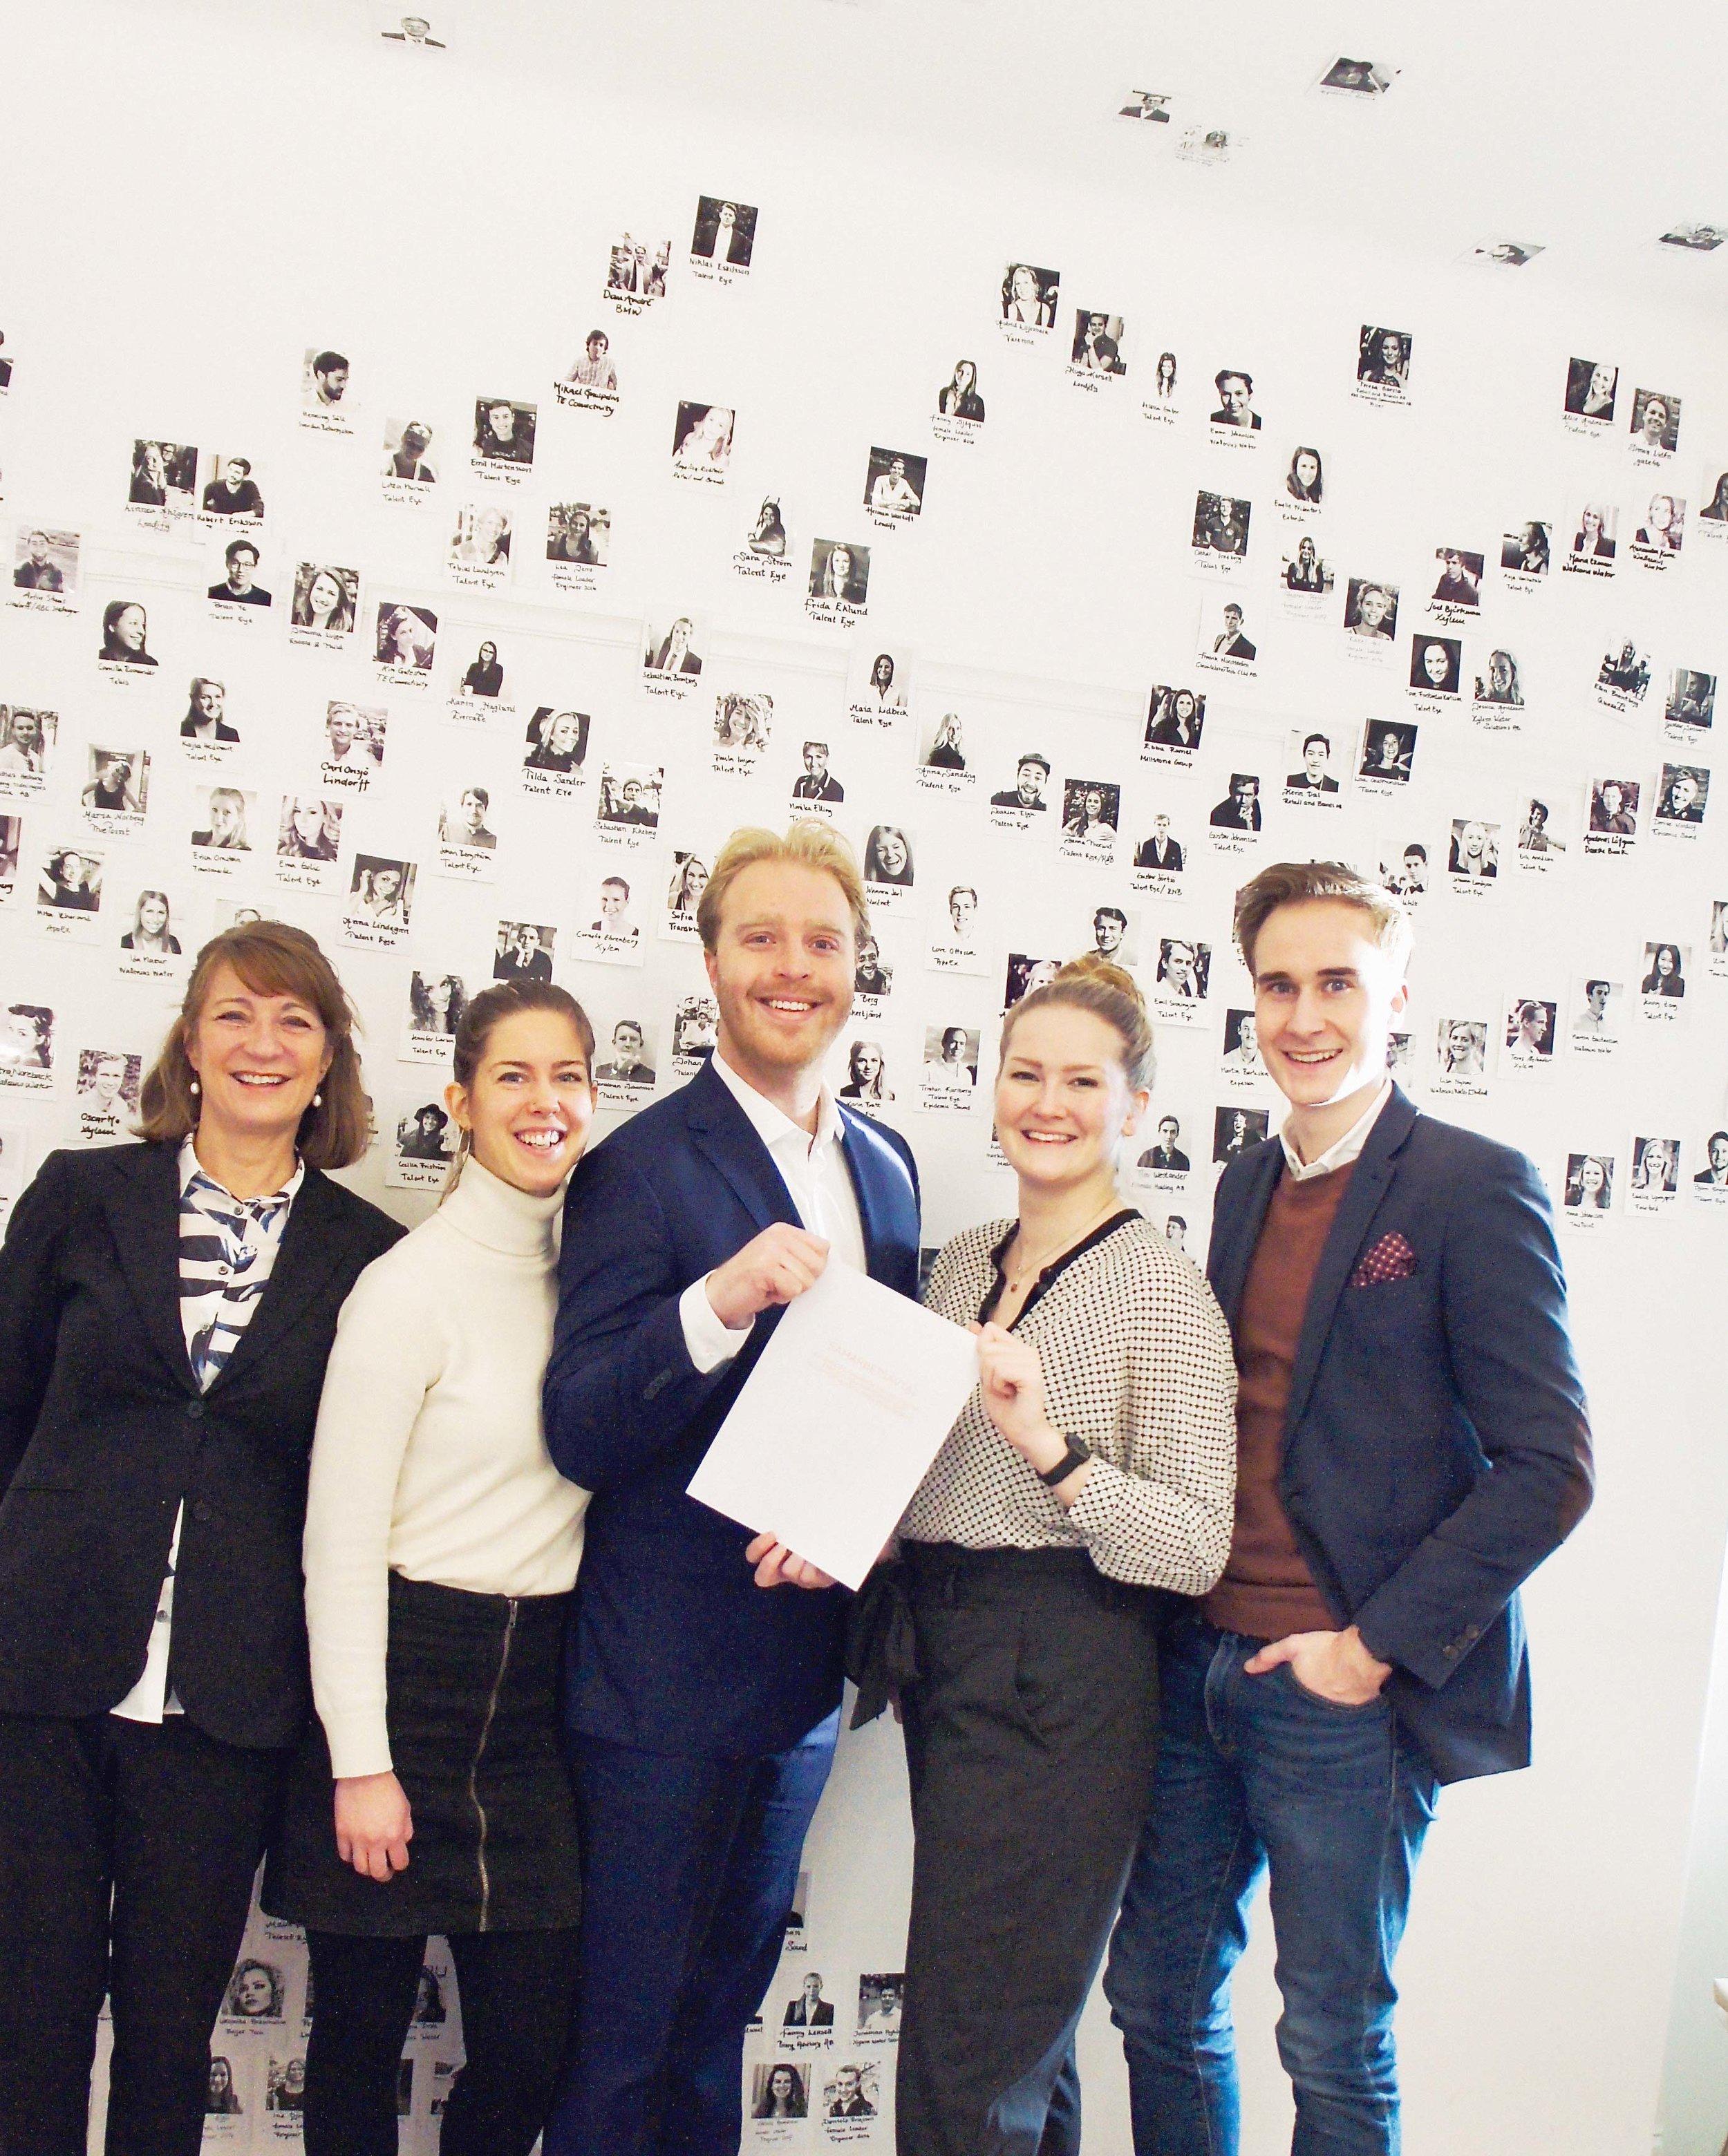 Nu startar vi vårt samarbete! Här Teknikkvinnors VD Maria Norberg med Talent Eyes VD Jesper Johansson, flankerade av Mireille Andersson och Jonathan Gunnarsson, Talent Eye, och med Amanda Malmquist, Teknikkvinnor.